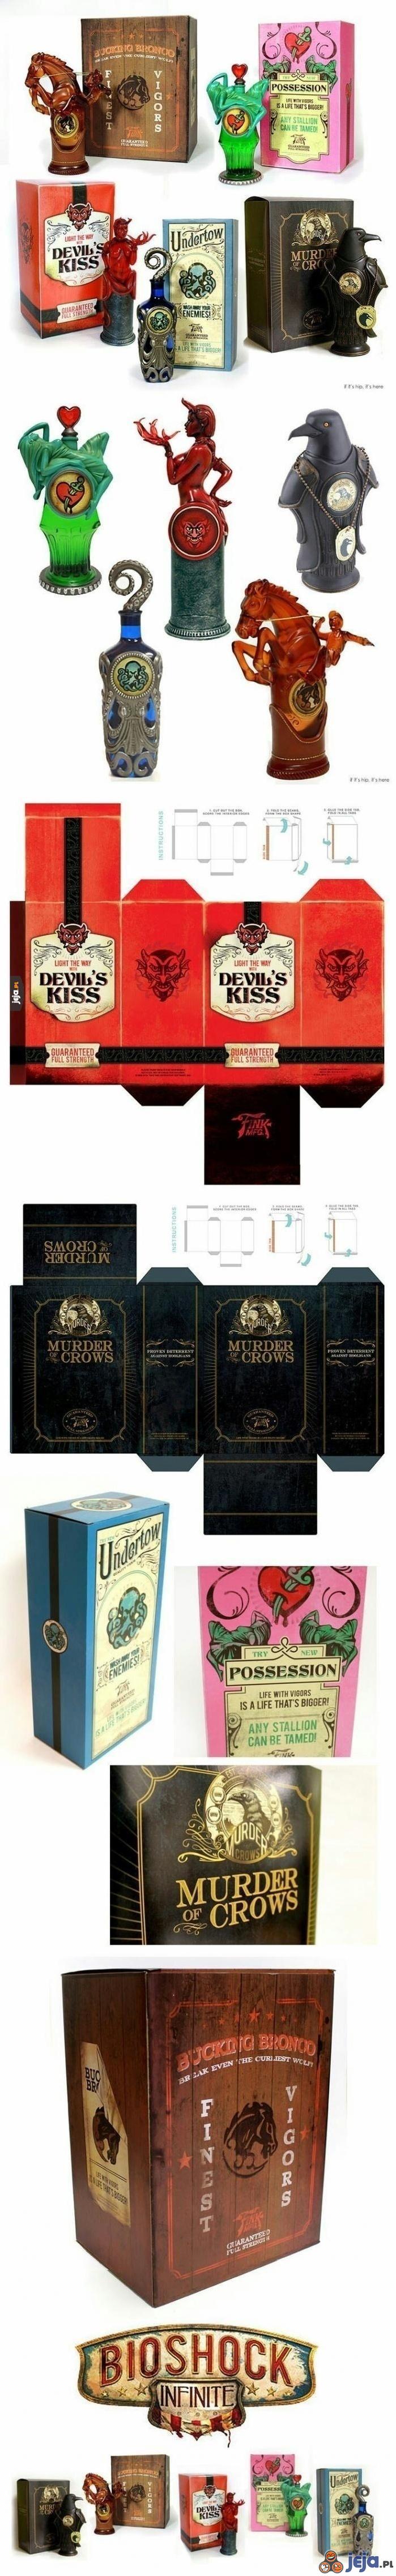 Idealny prezent dla fanów Bioshocka